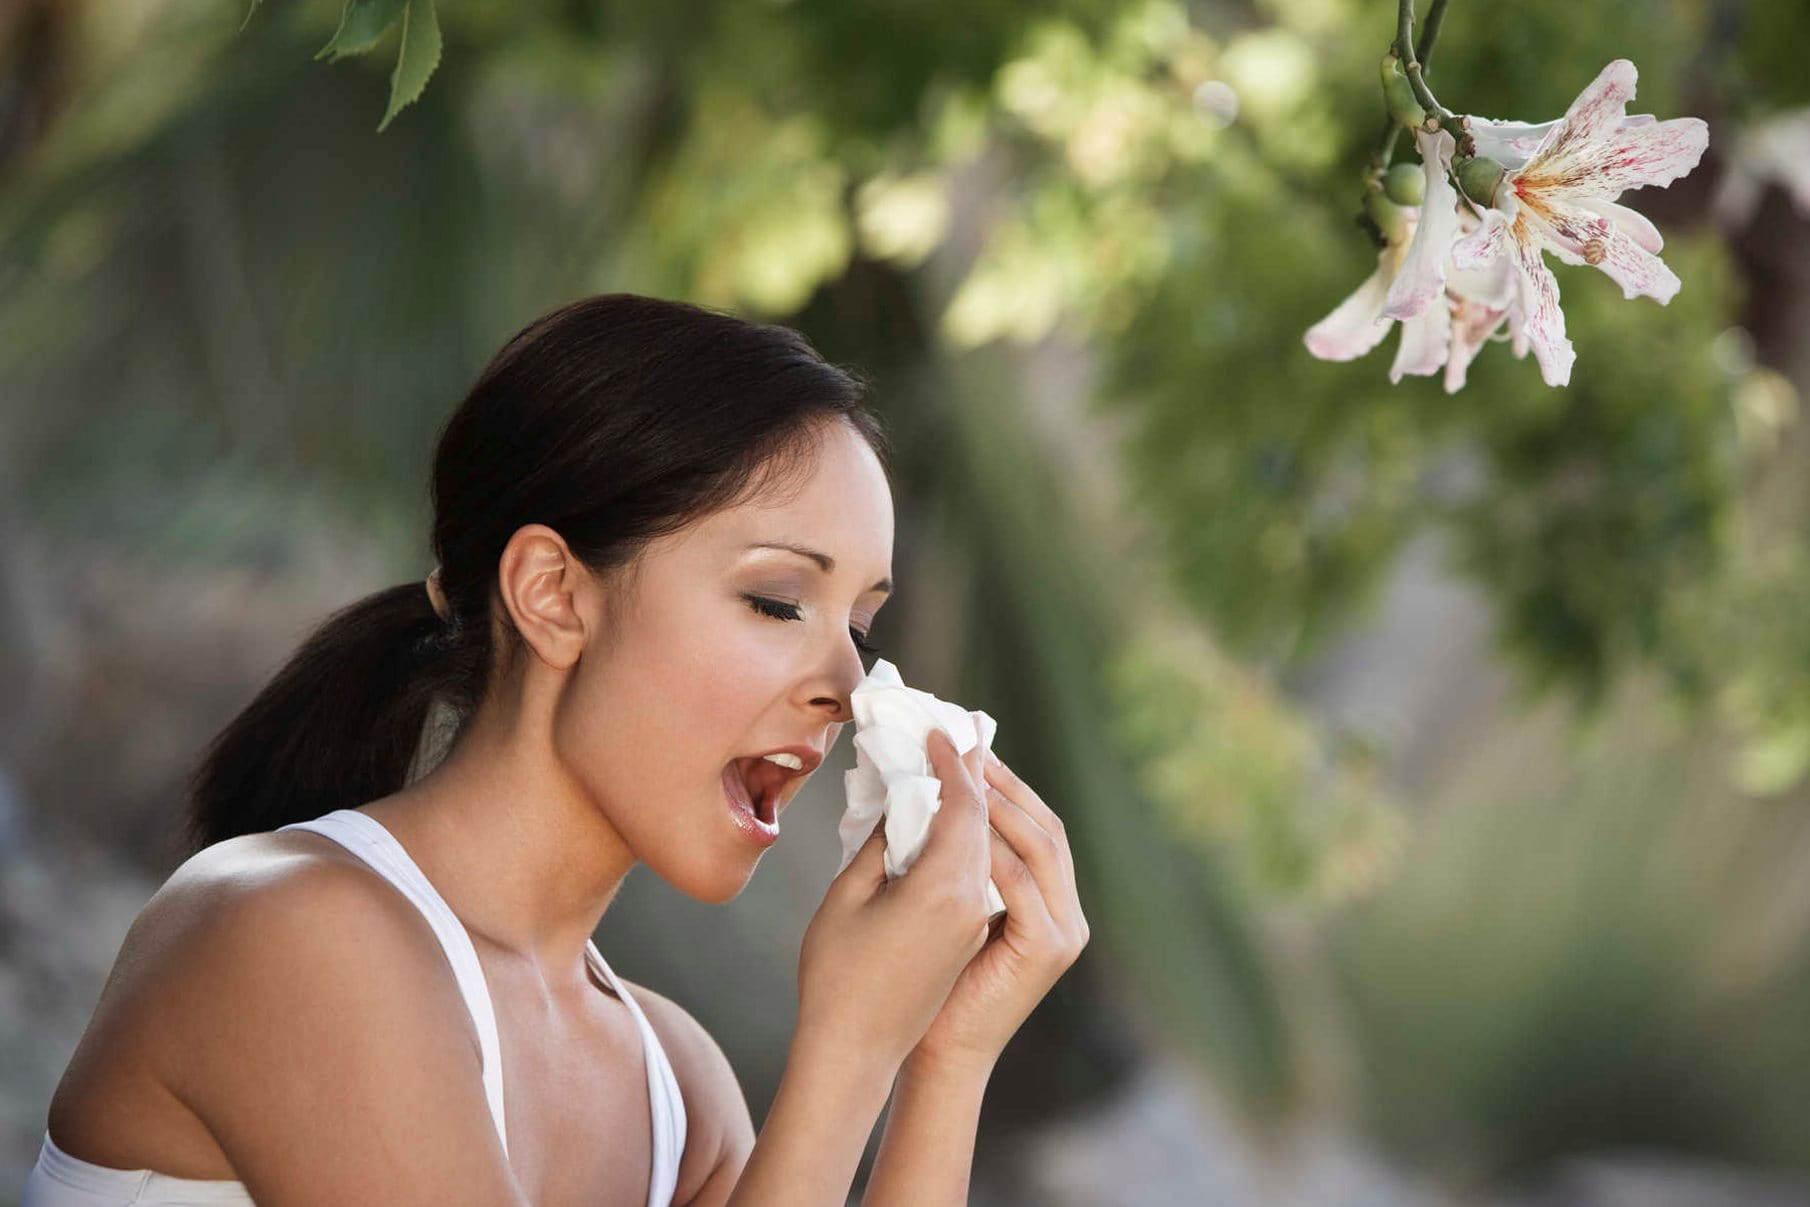 От чего человек чихает много раз подряд